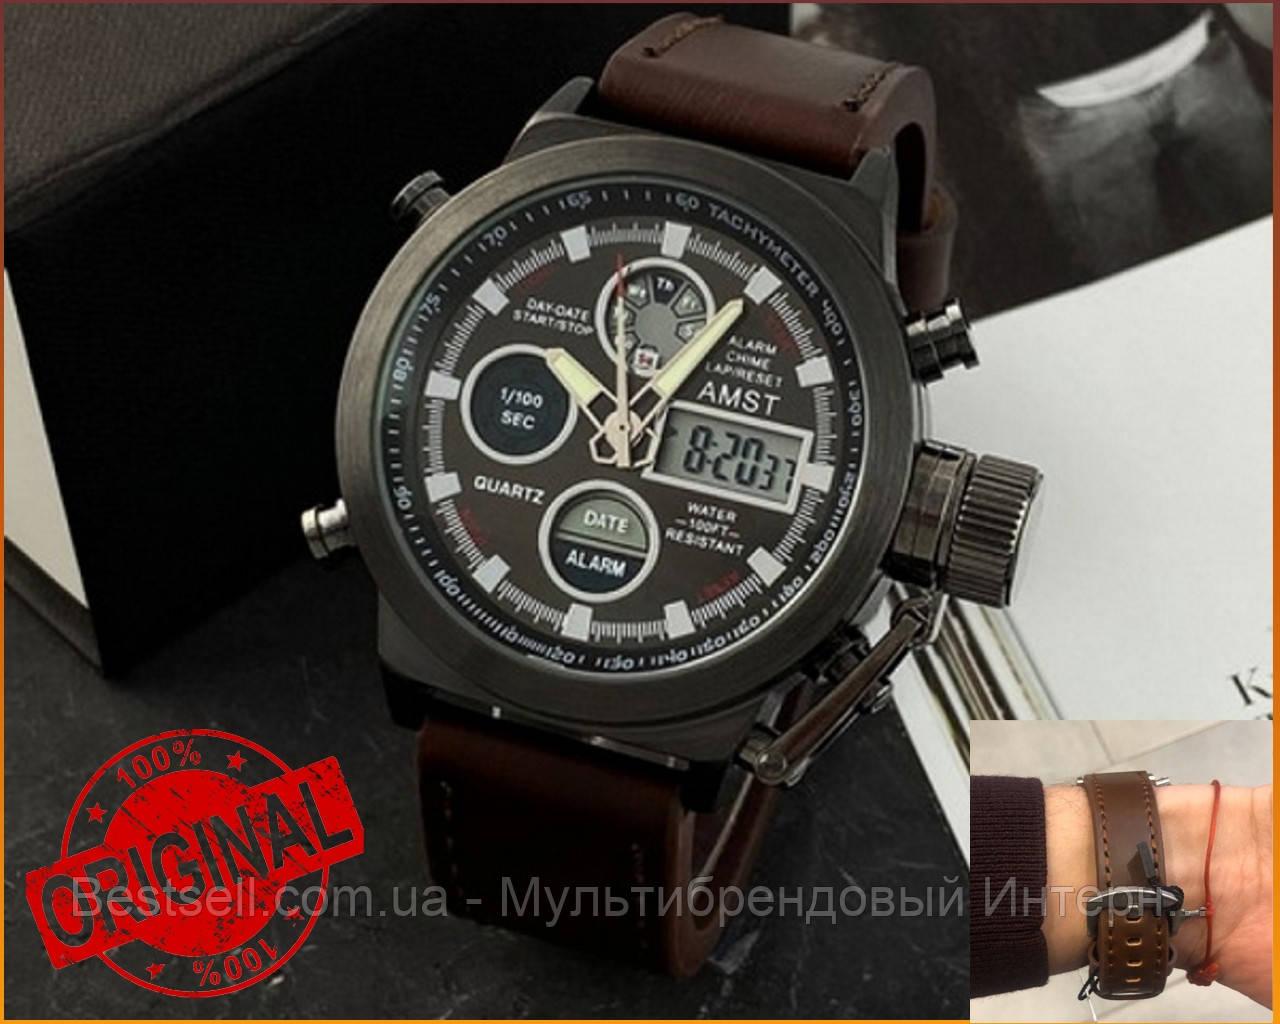 Оригінальні Чоловічі Наручні годинники AMST 3003 Black-Brown Wristband